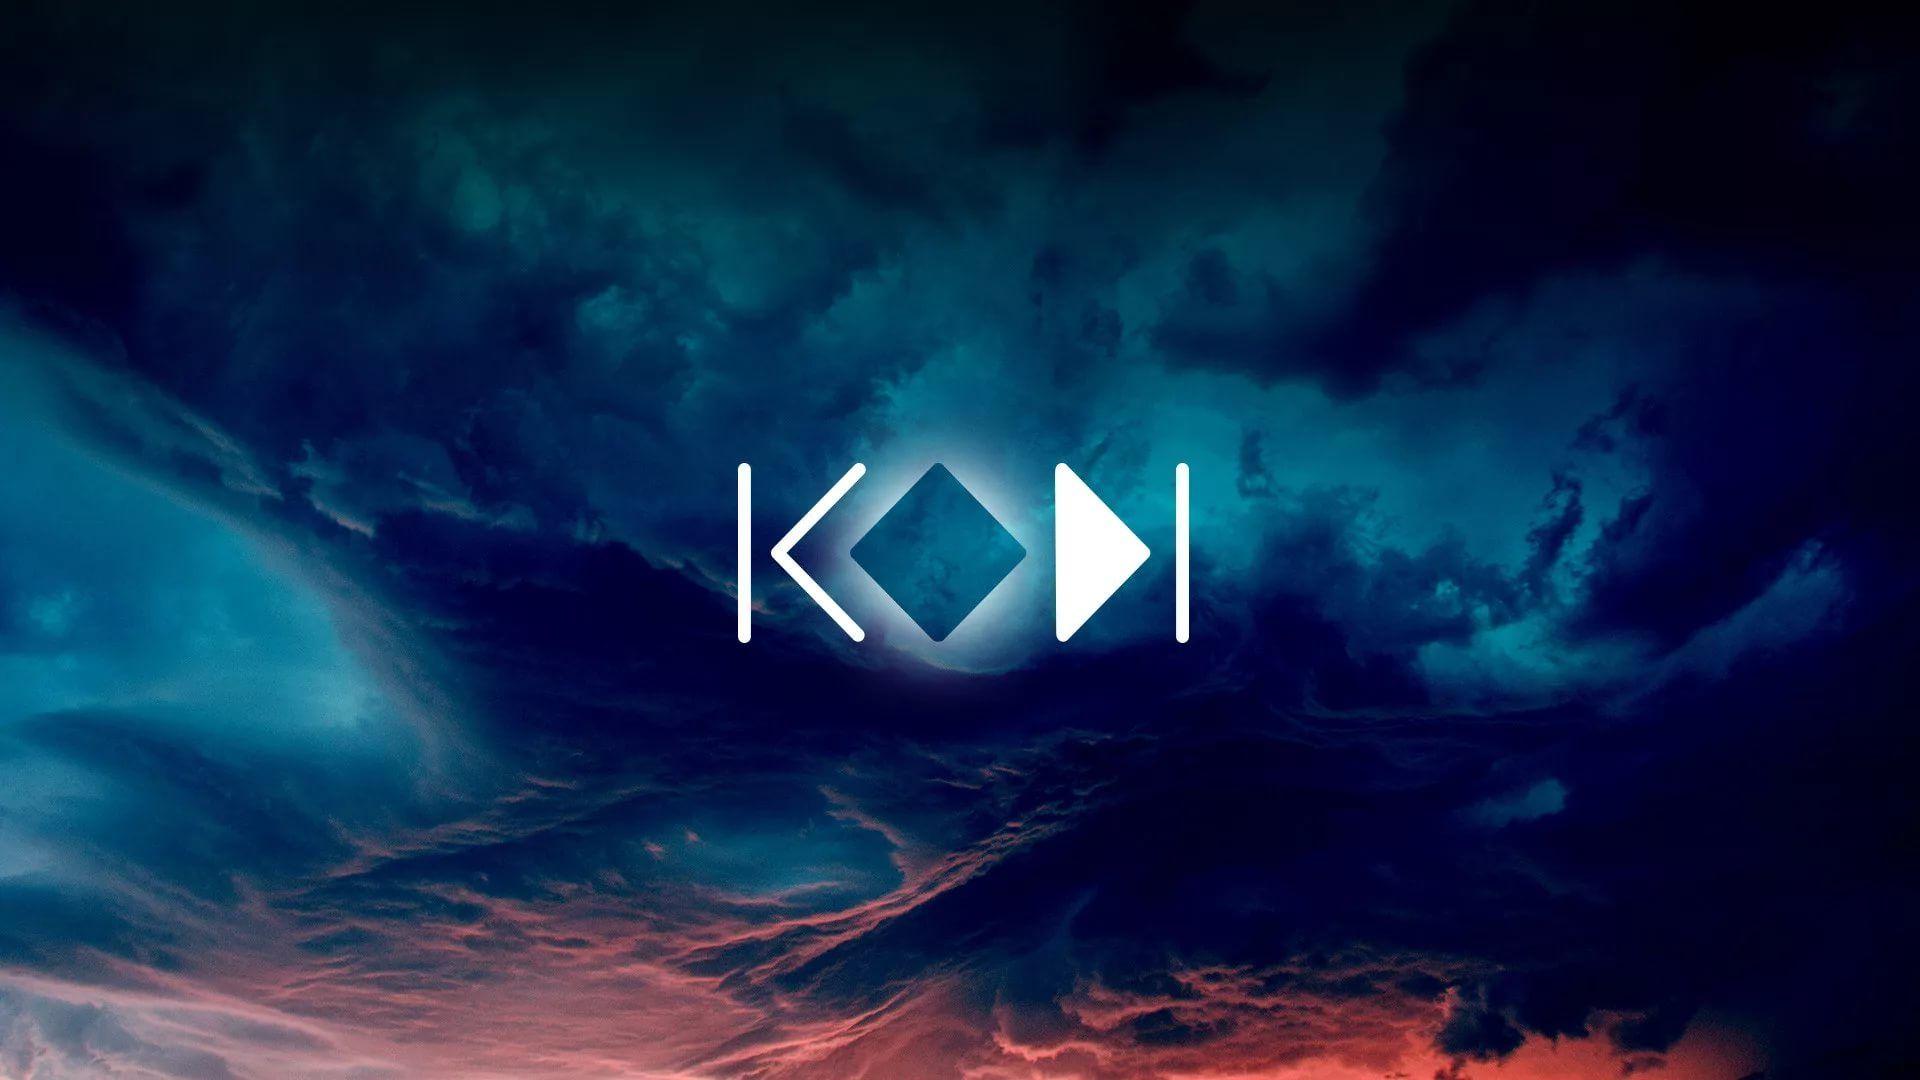 Kodi hd wallpaper for laptop